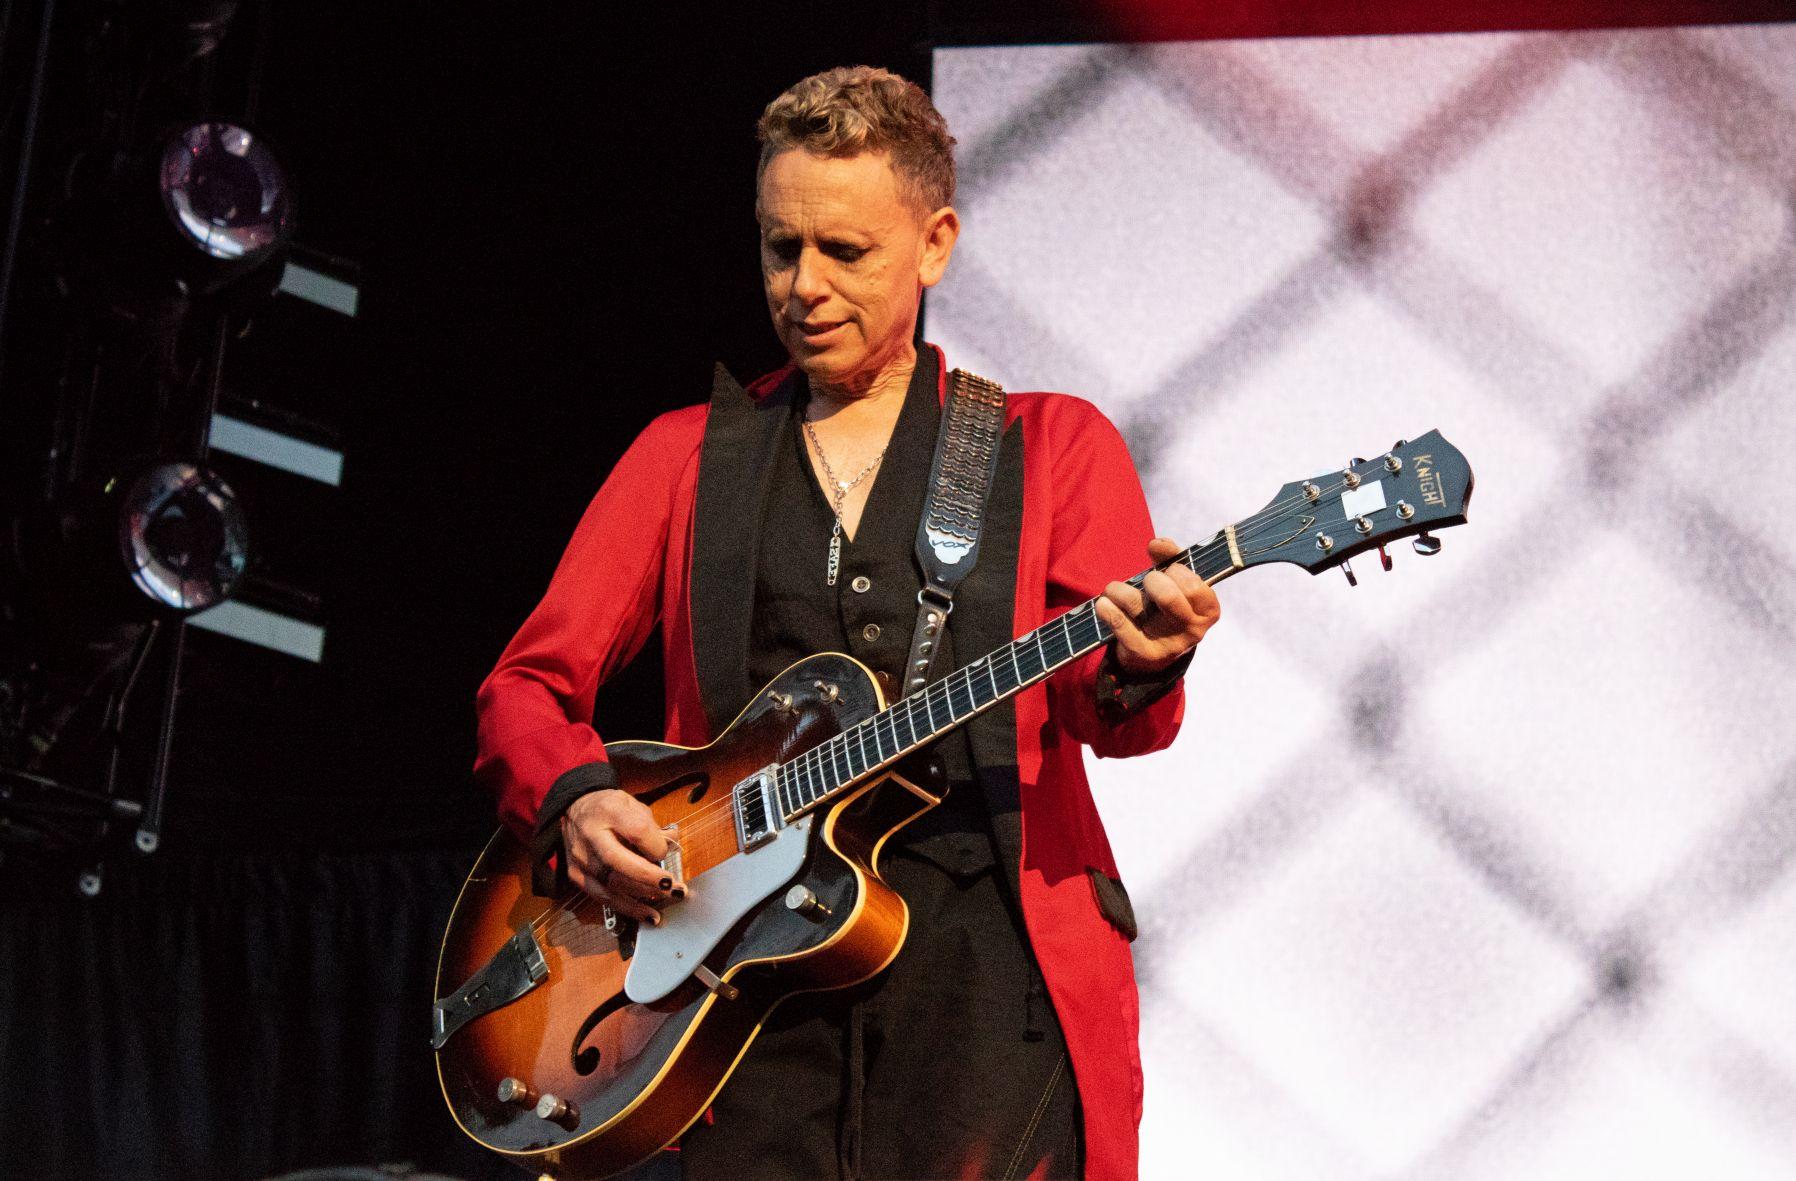 Martin Gore von Depeche Mode bei einem Konzert im Olympiastadion München